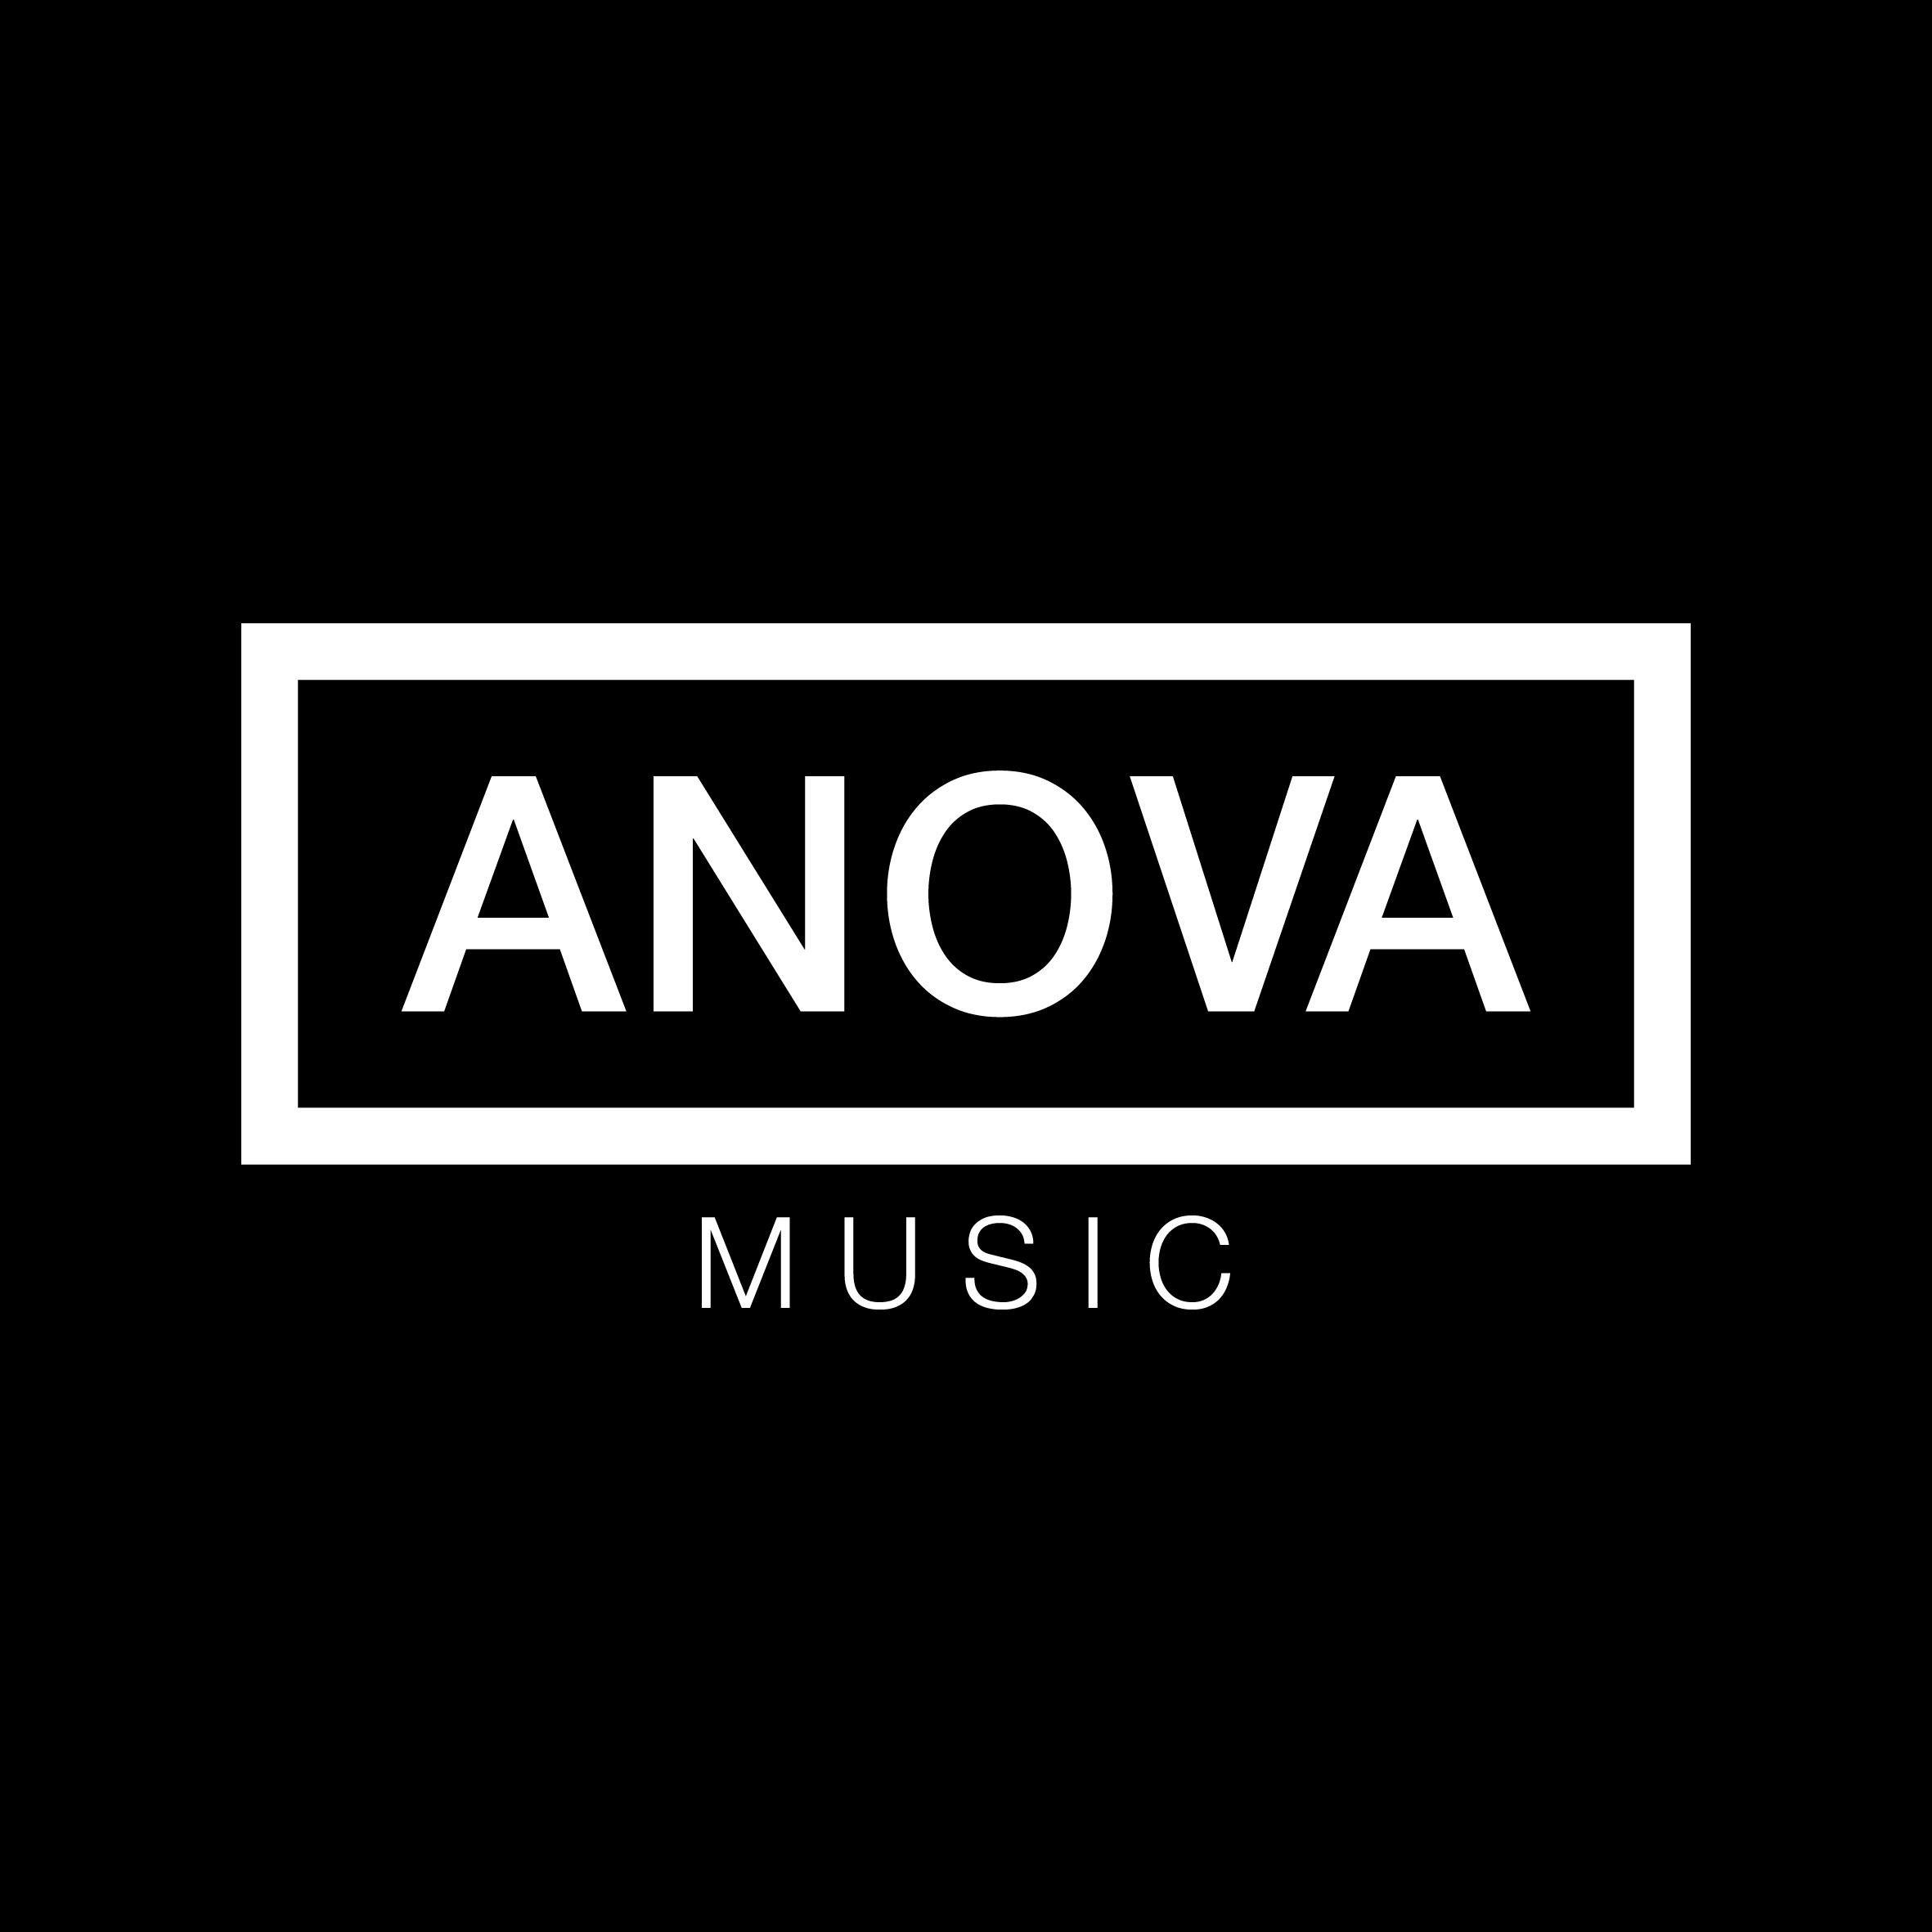 @Anova_Music